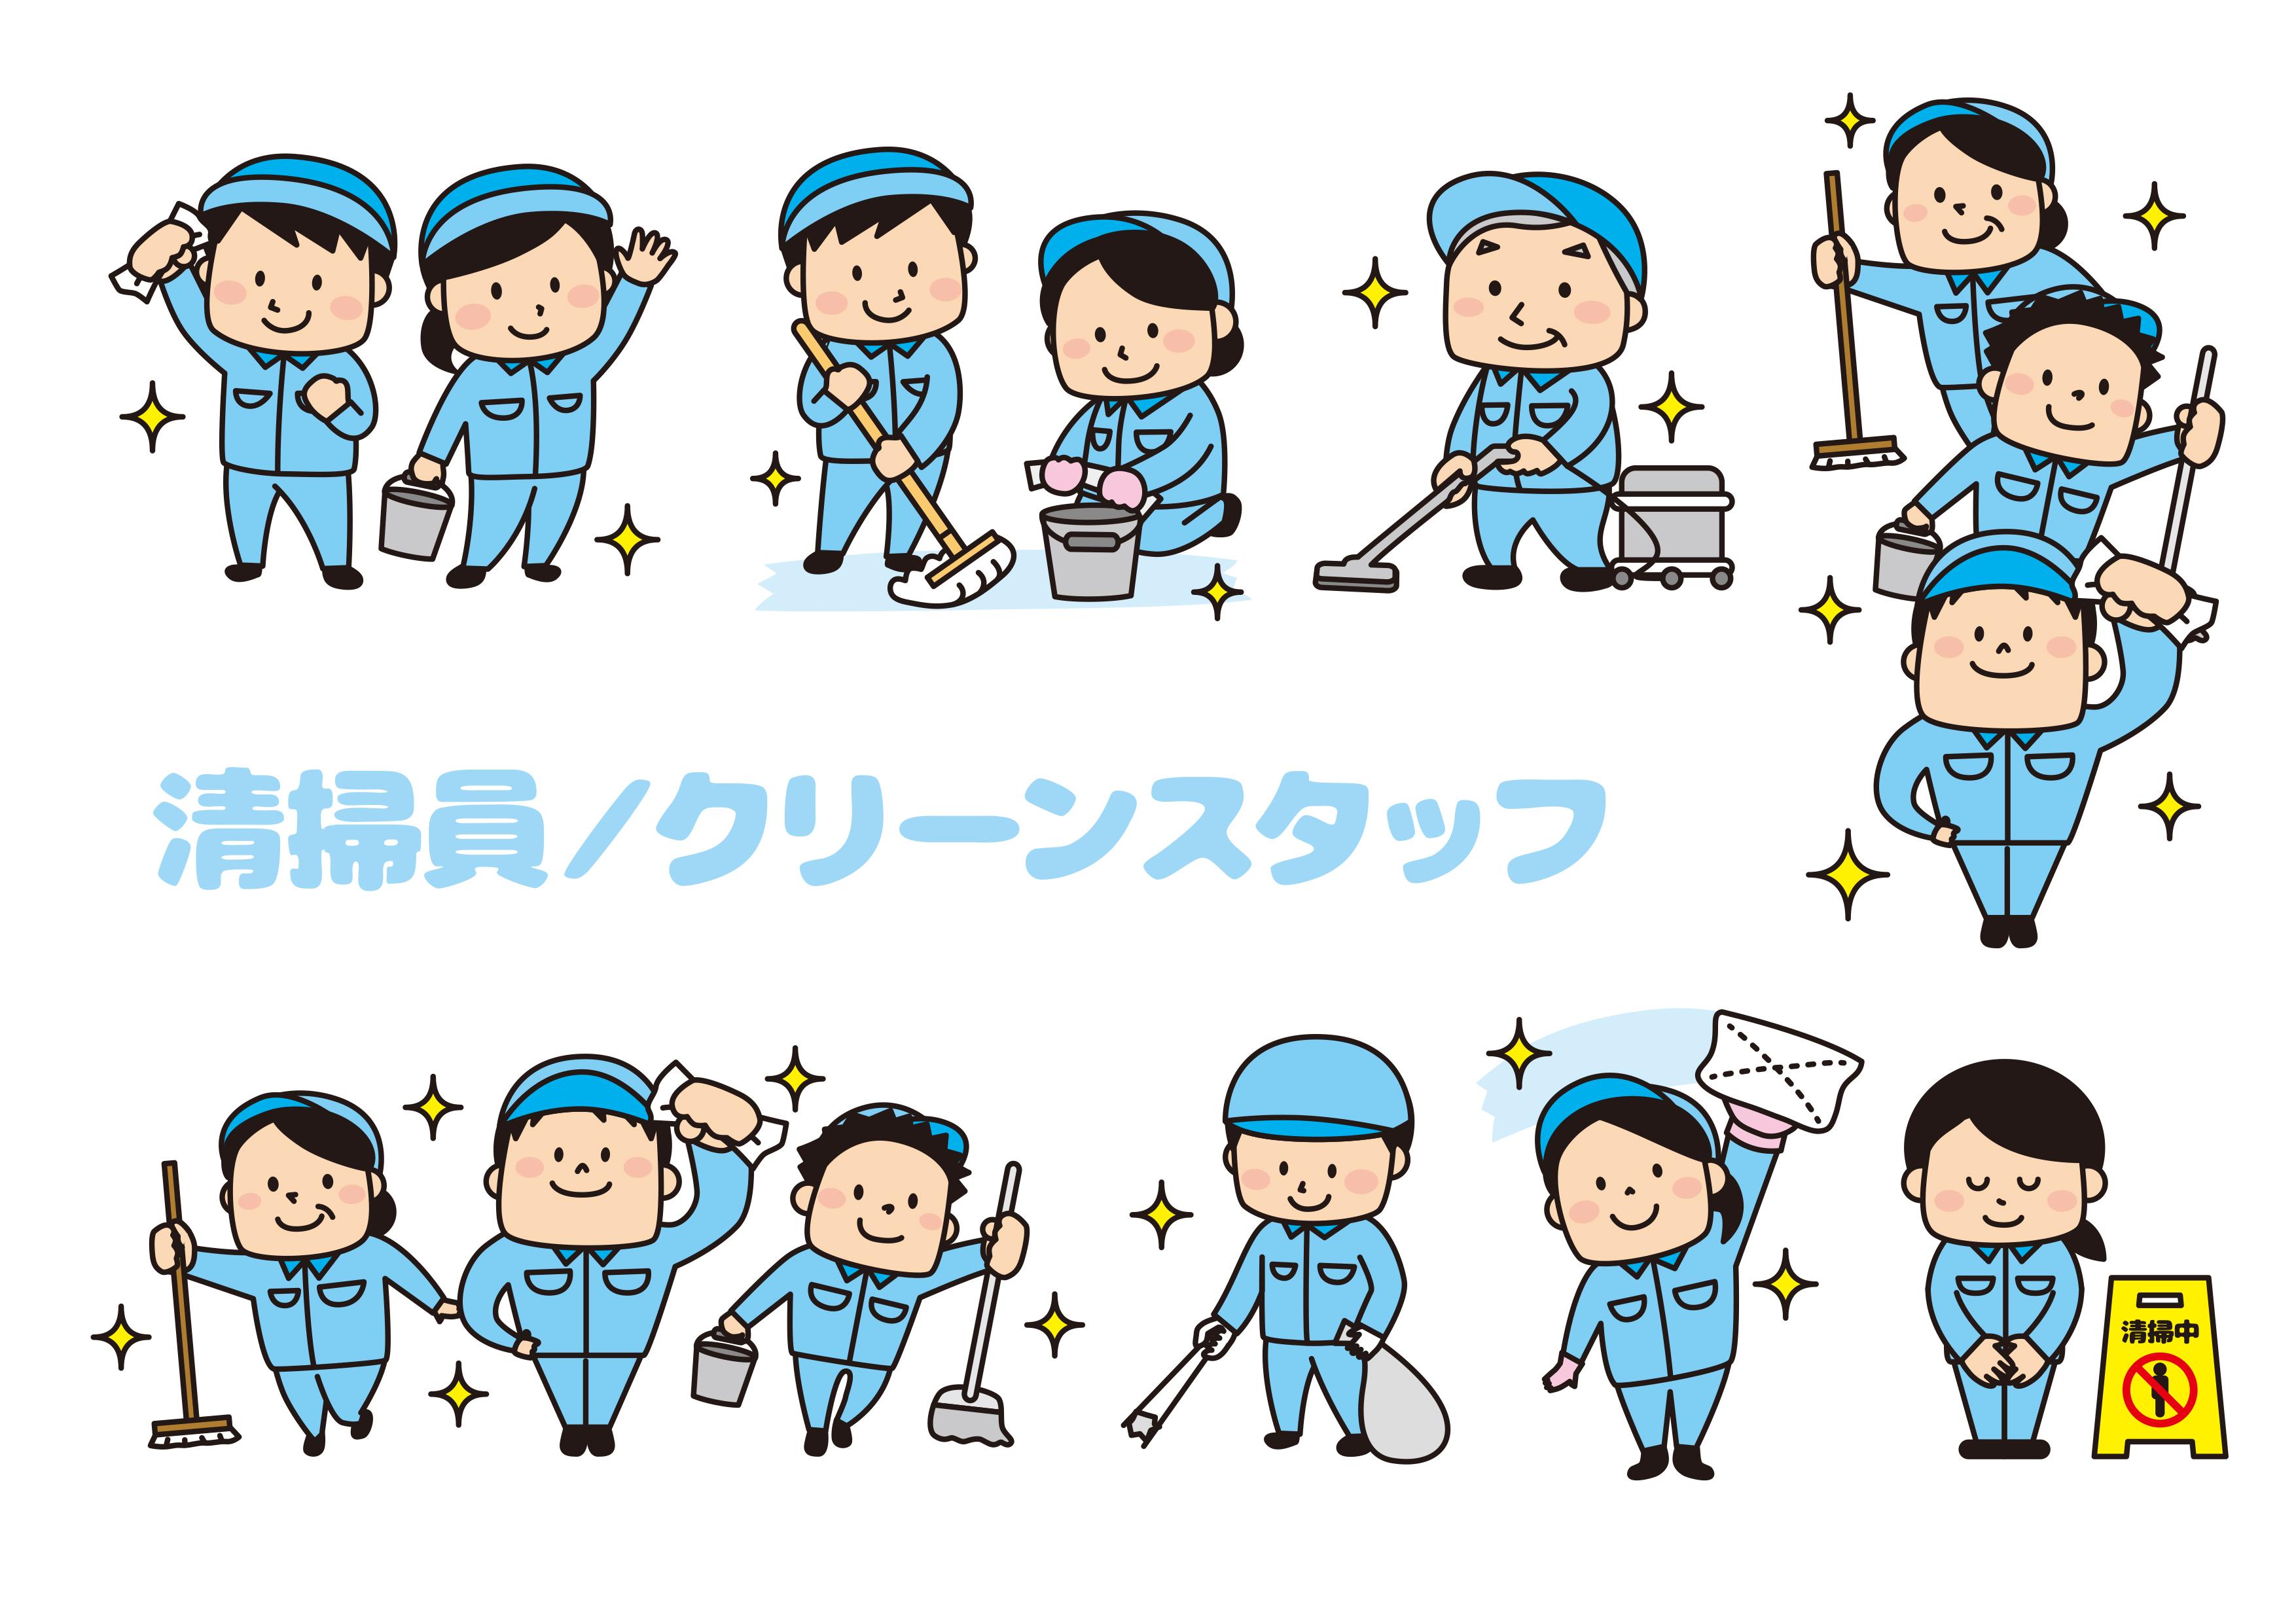 イオングループ/シニア活躍/未経験者歓迎/週2からOK/オフィスビル 清掃-1233スタッフ